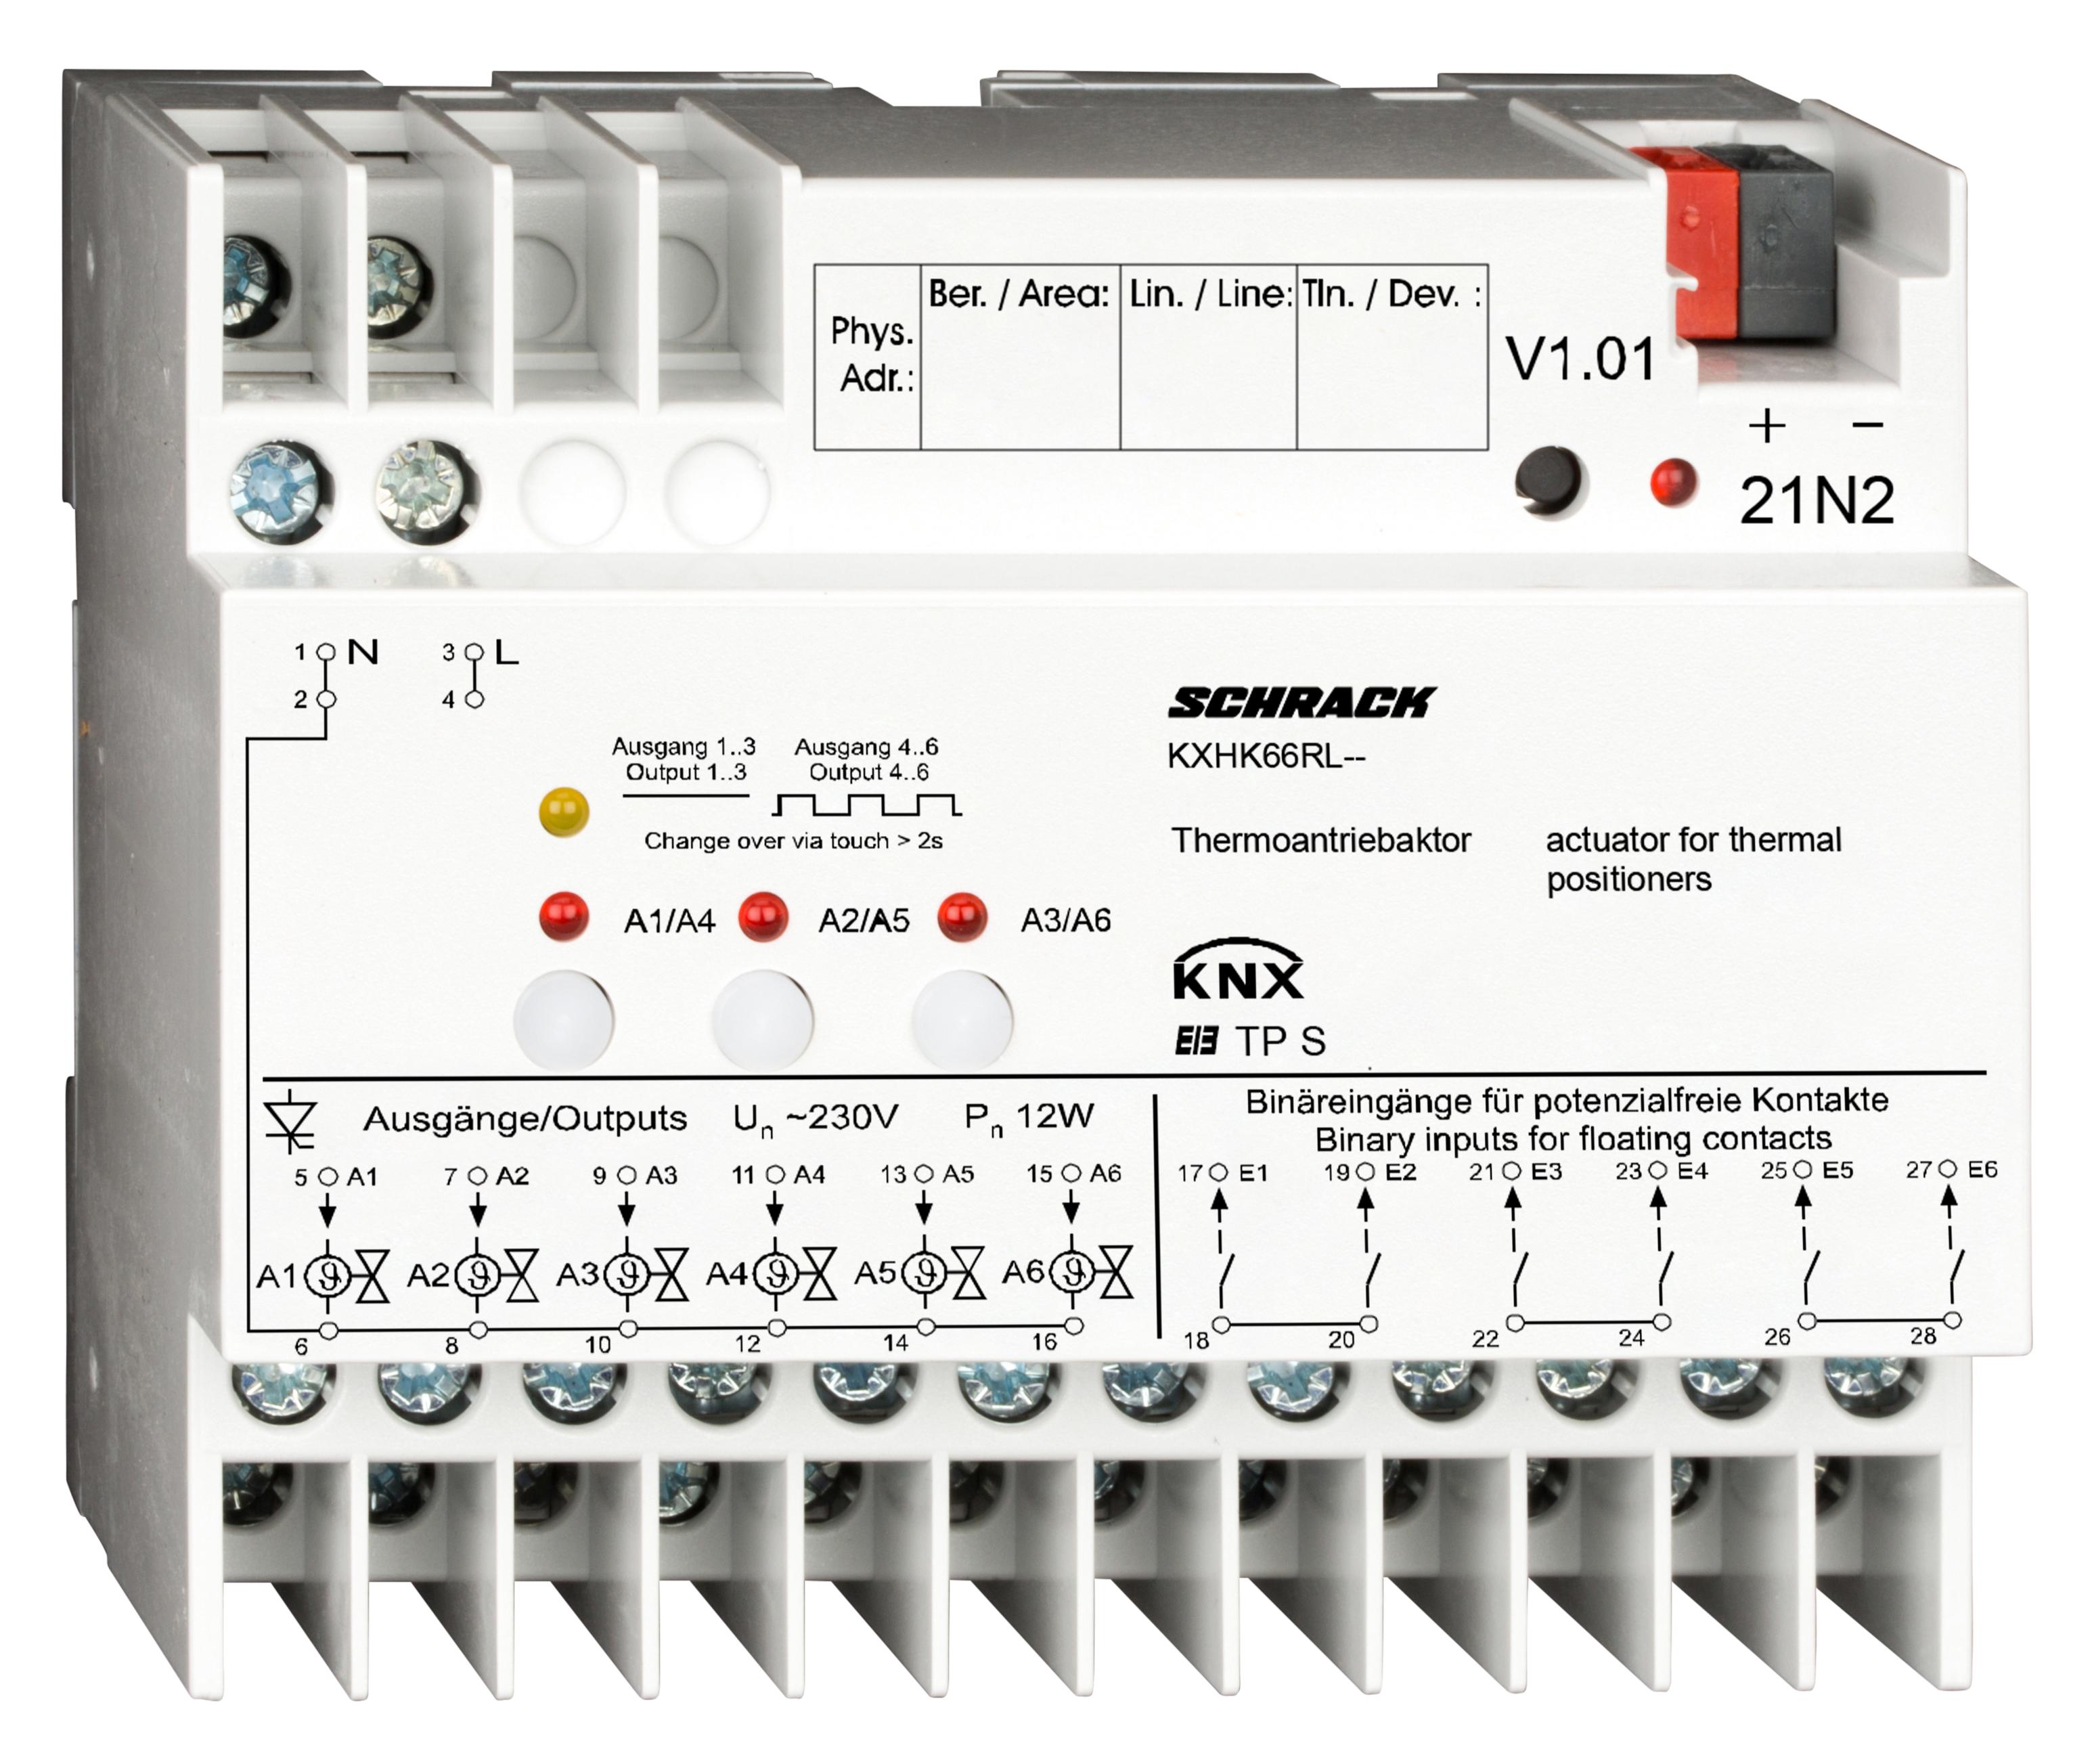 1 Stk KNX Heizungs-/Thermoantriebaktor, 6 Eingänge, 6 Ausgänge KXHK66RL--